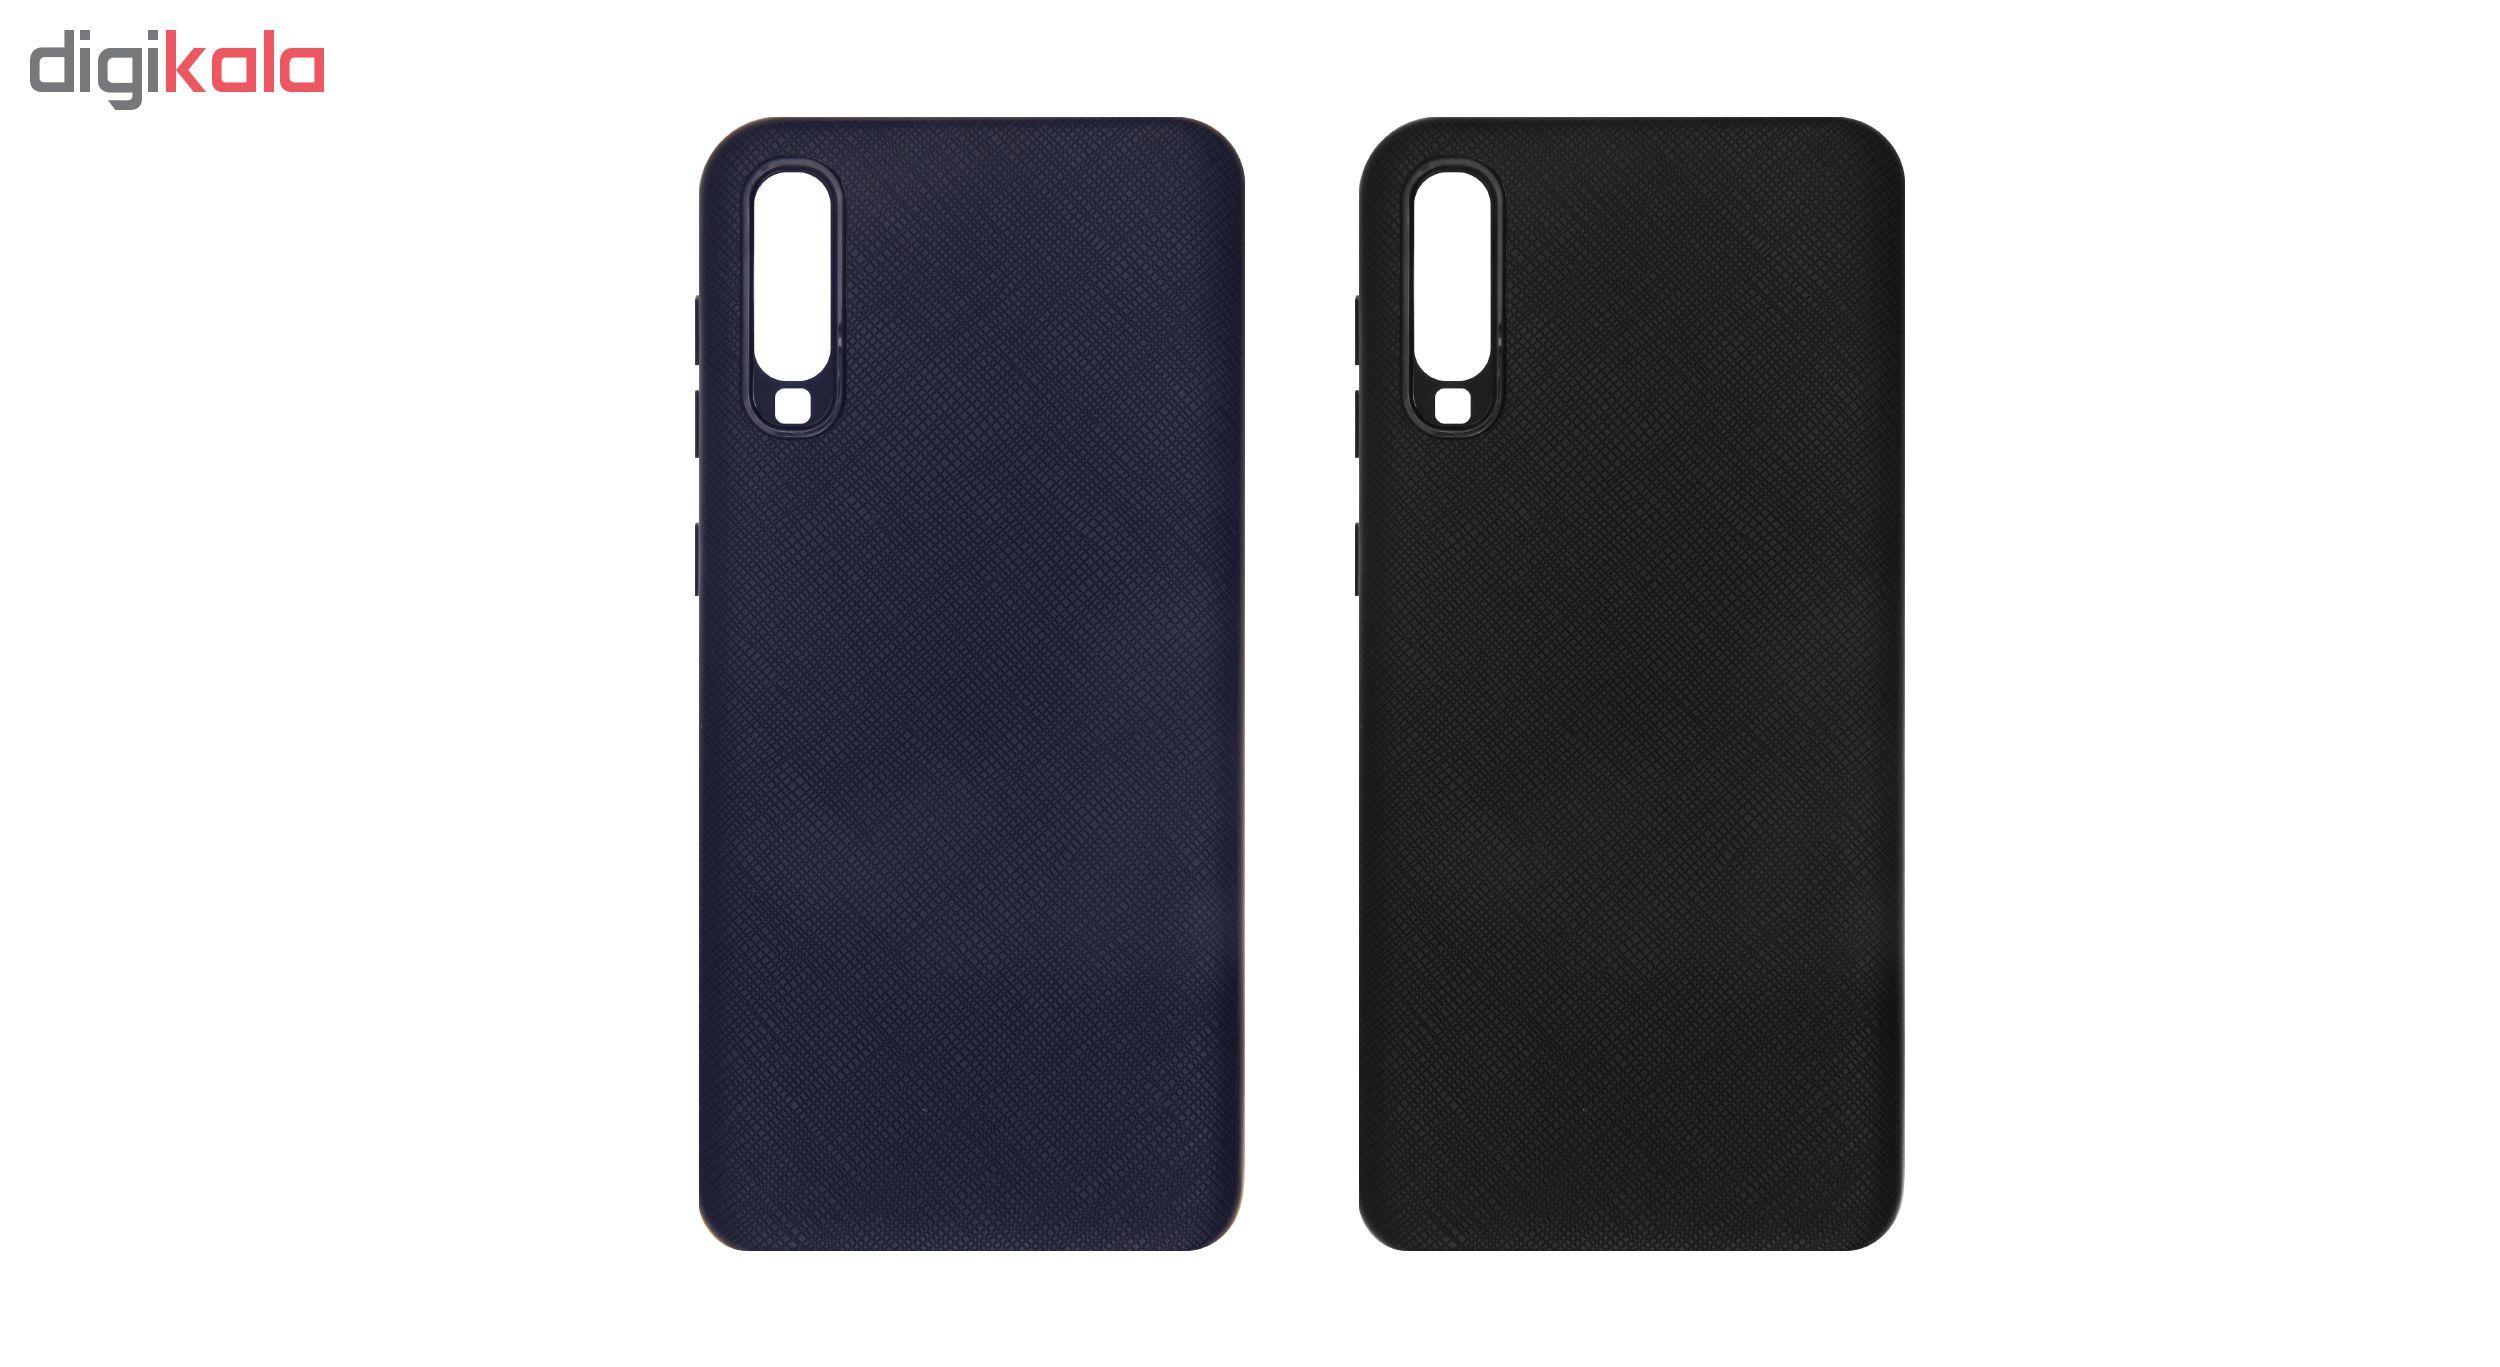 کاور سومگ مدل SC-i001 مناسب برای گوشی موبایل سامسونگ Galaxy A50 main 1 2